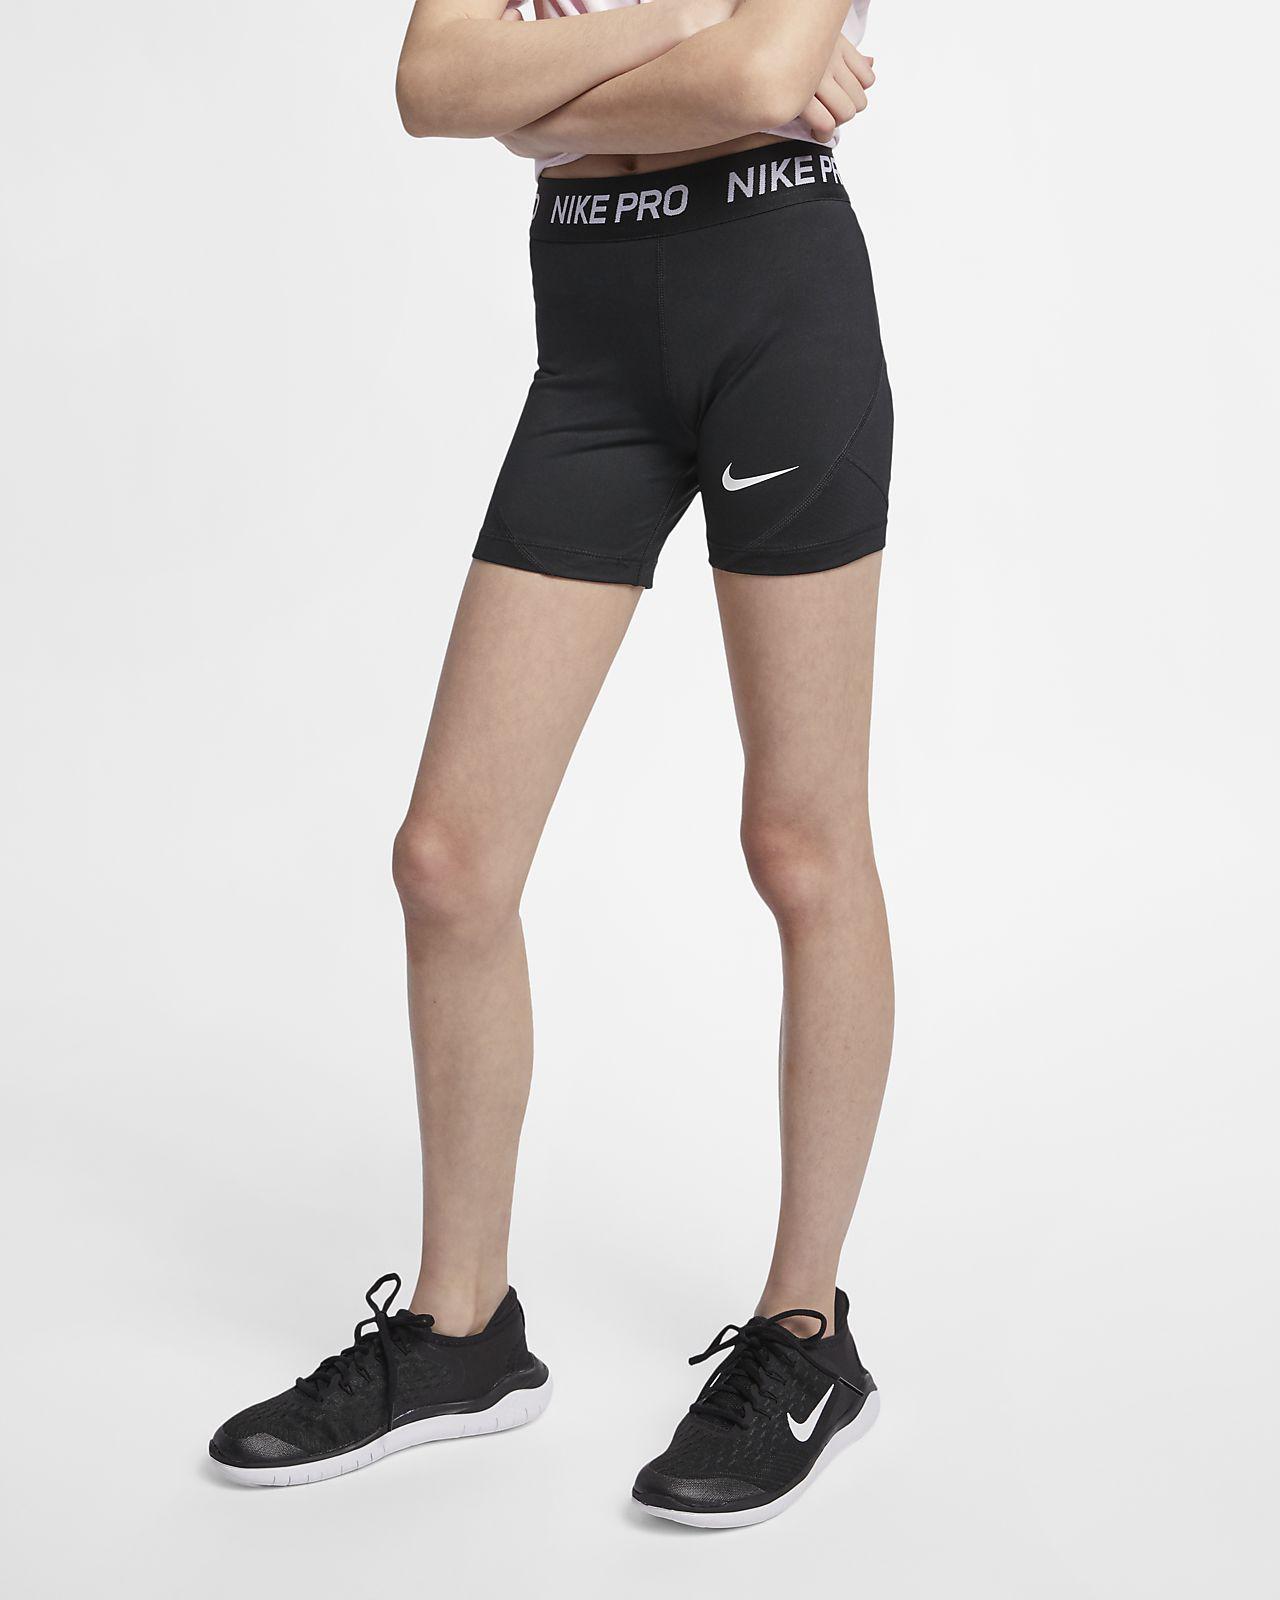 Nike Pro Culots - Nena